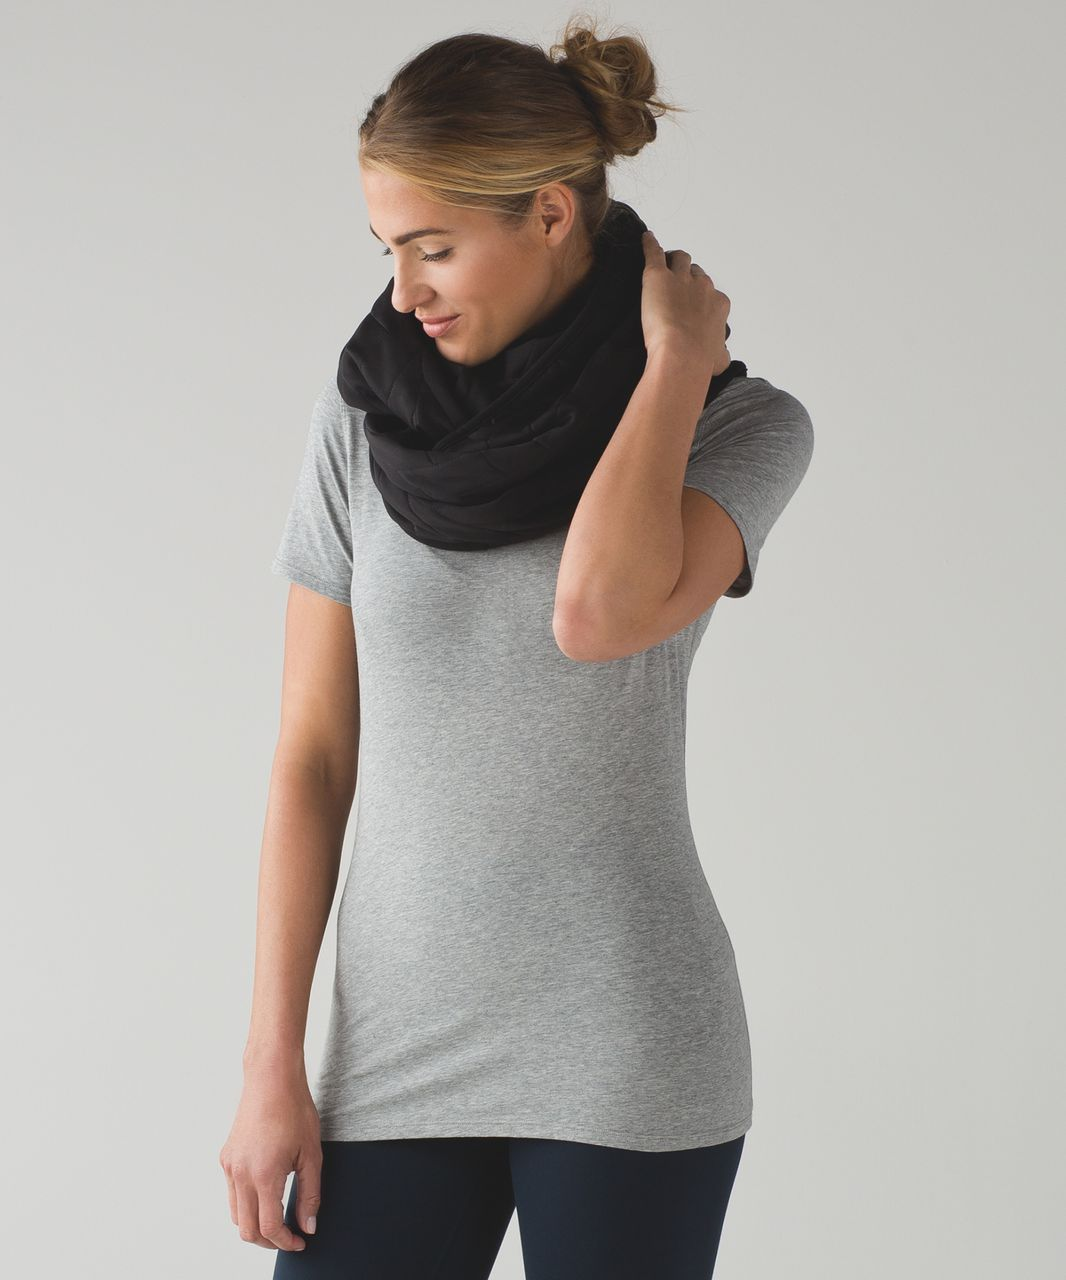 Lululemon Vinyasa Scarf (Quilt) - Black